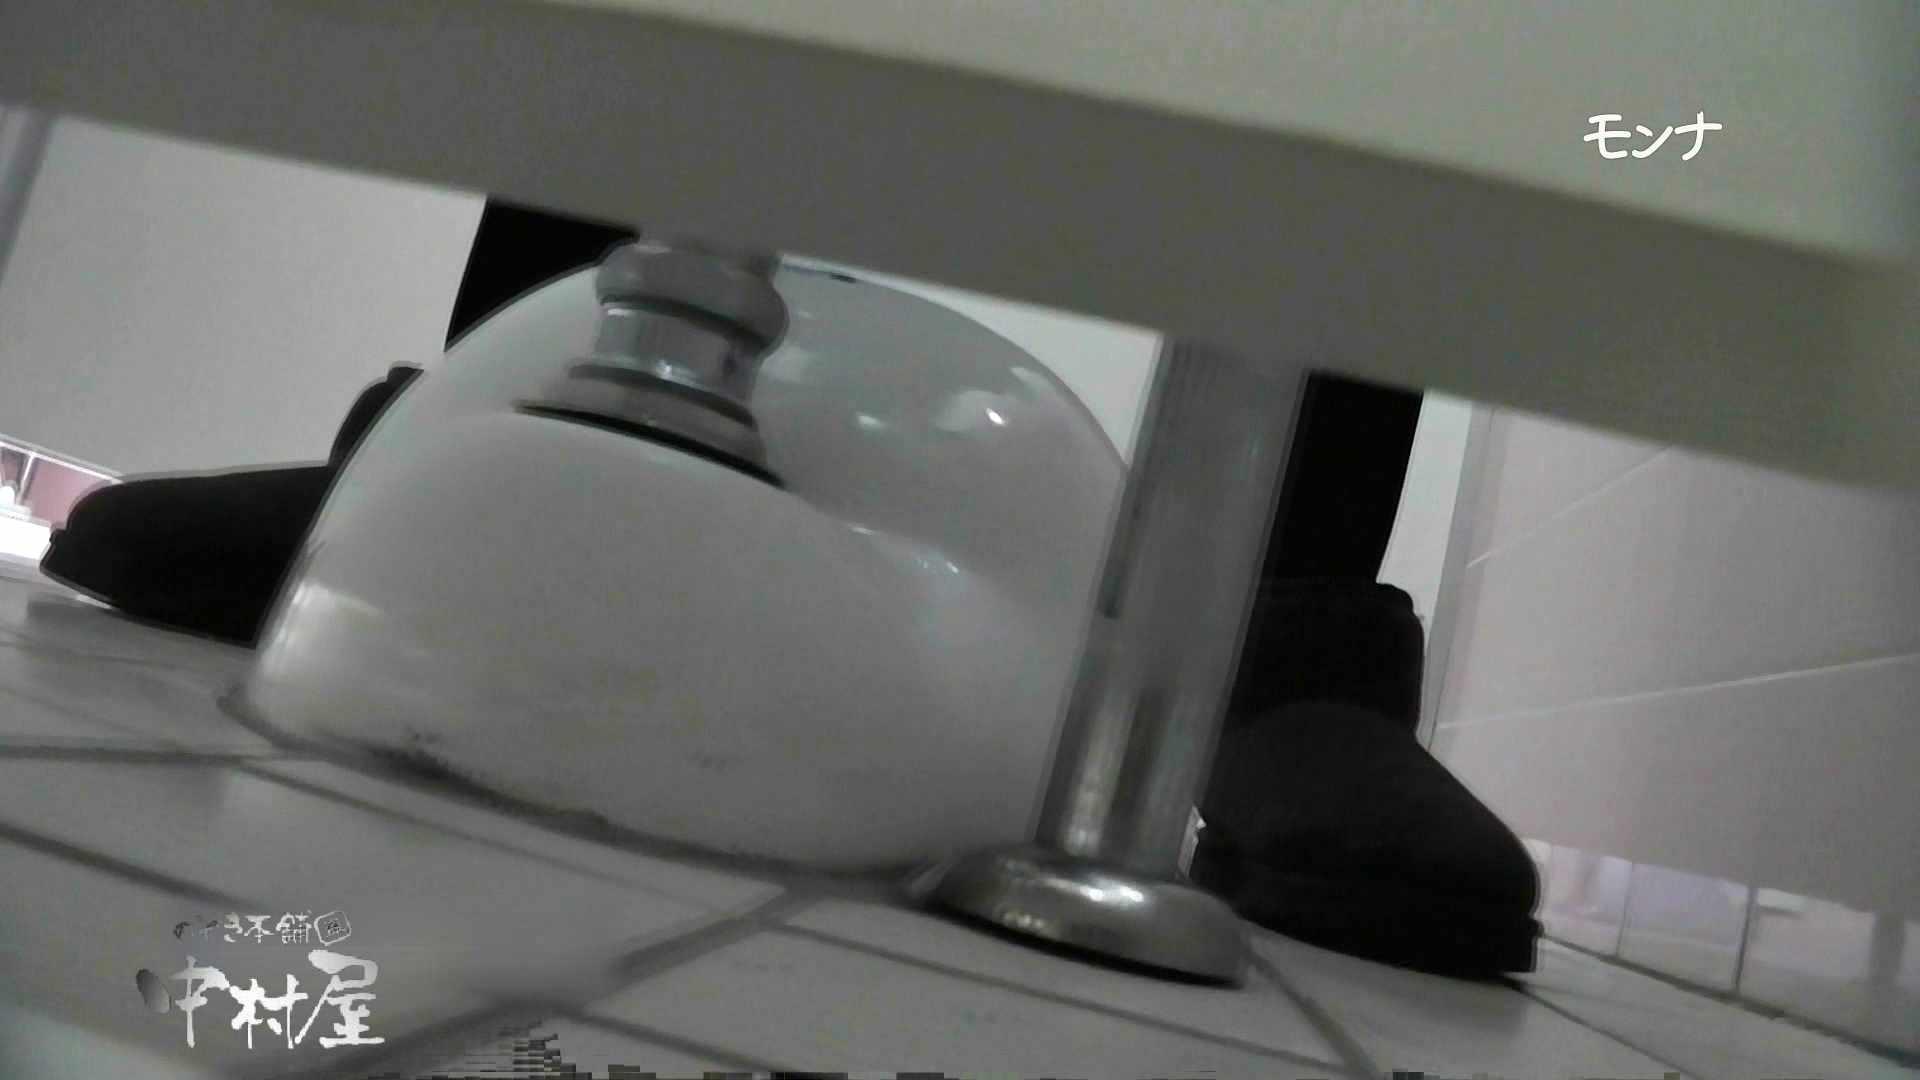 【美しい日本の未来】遂に!!戸田恵梨香似の予告モデル登場ダッシュで「大」前編 おまんこ見放題  75PIX 40